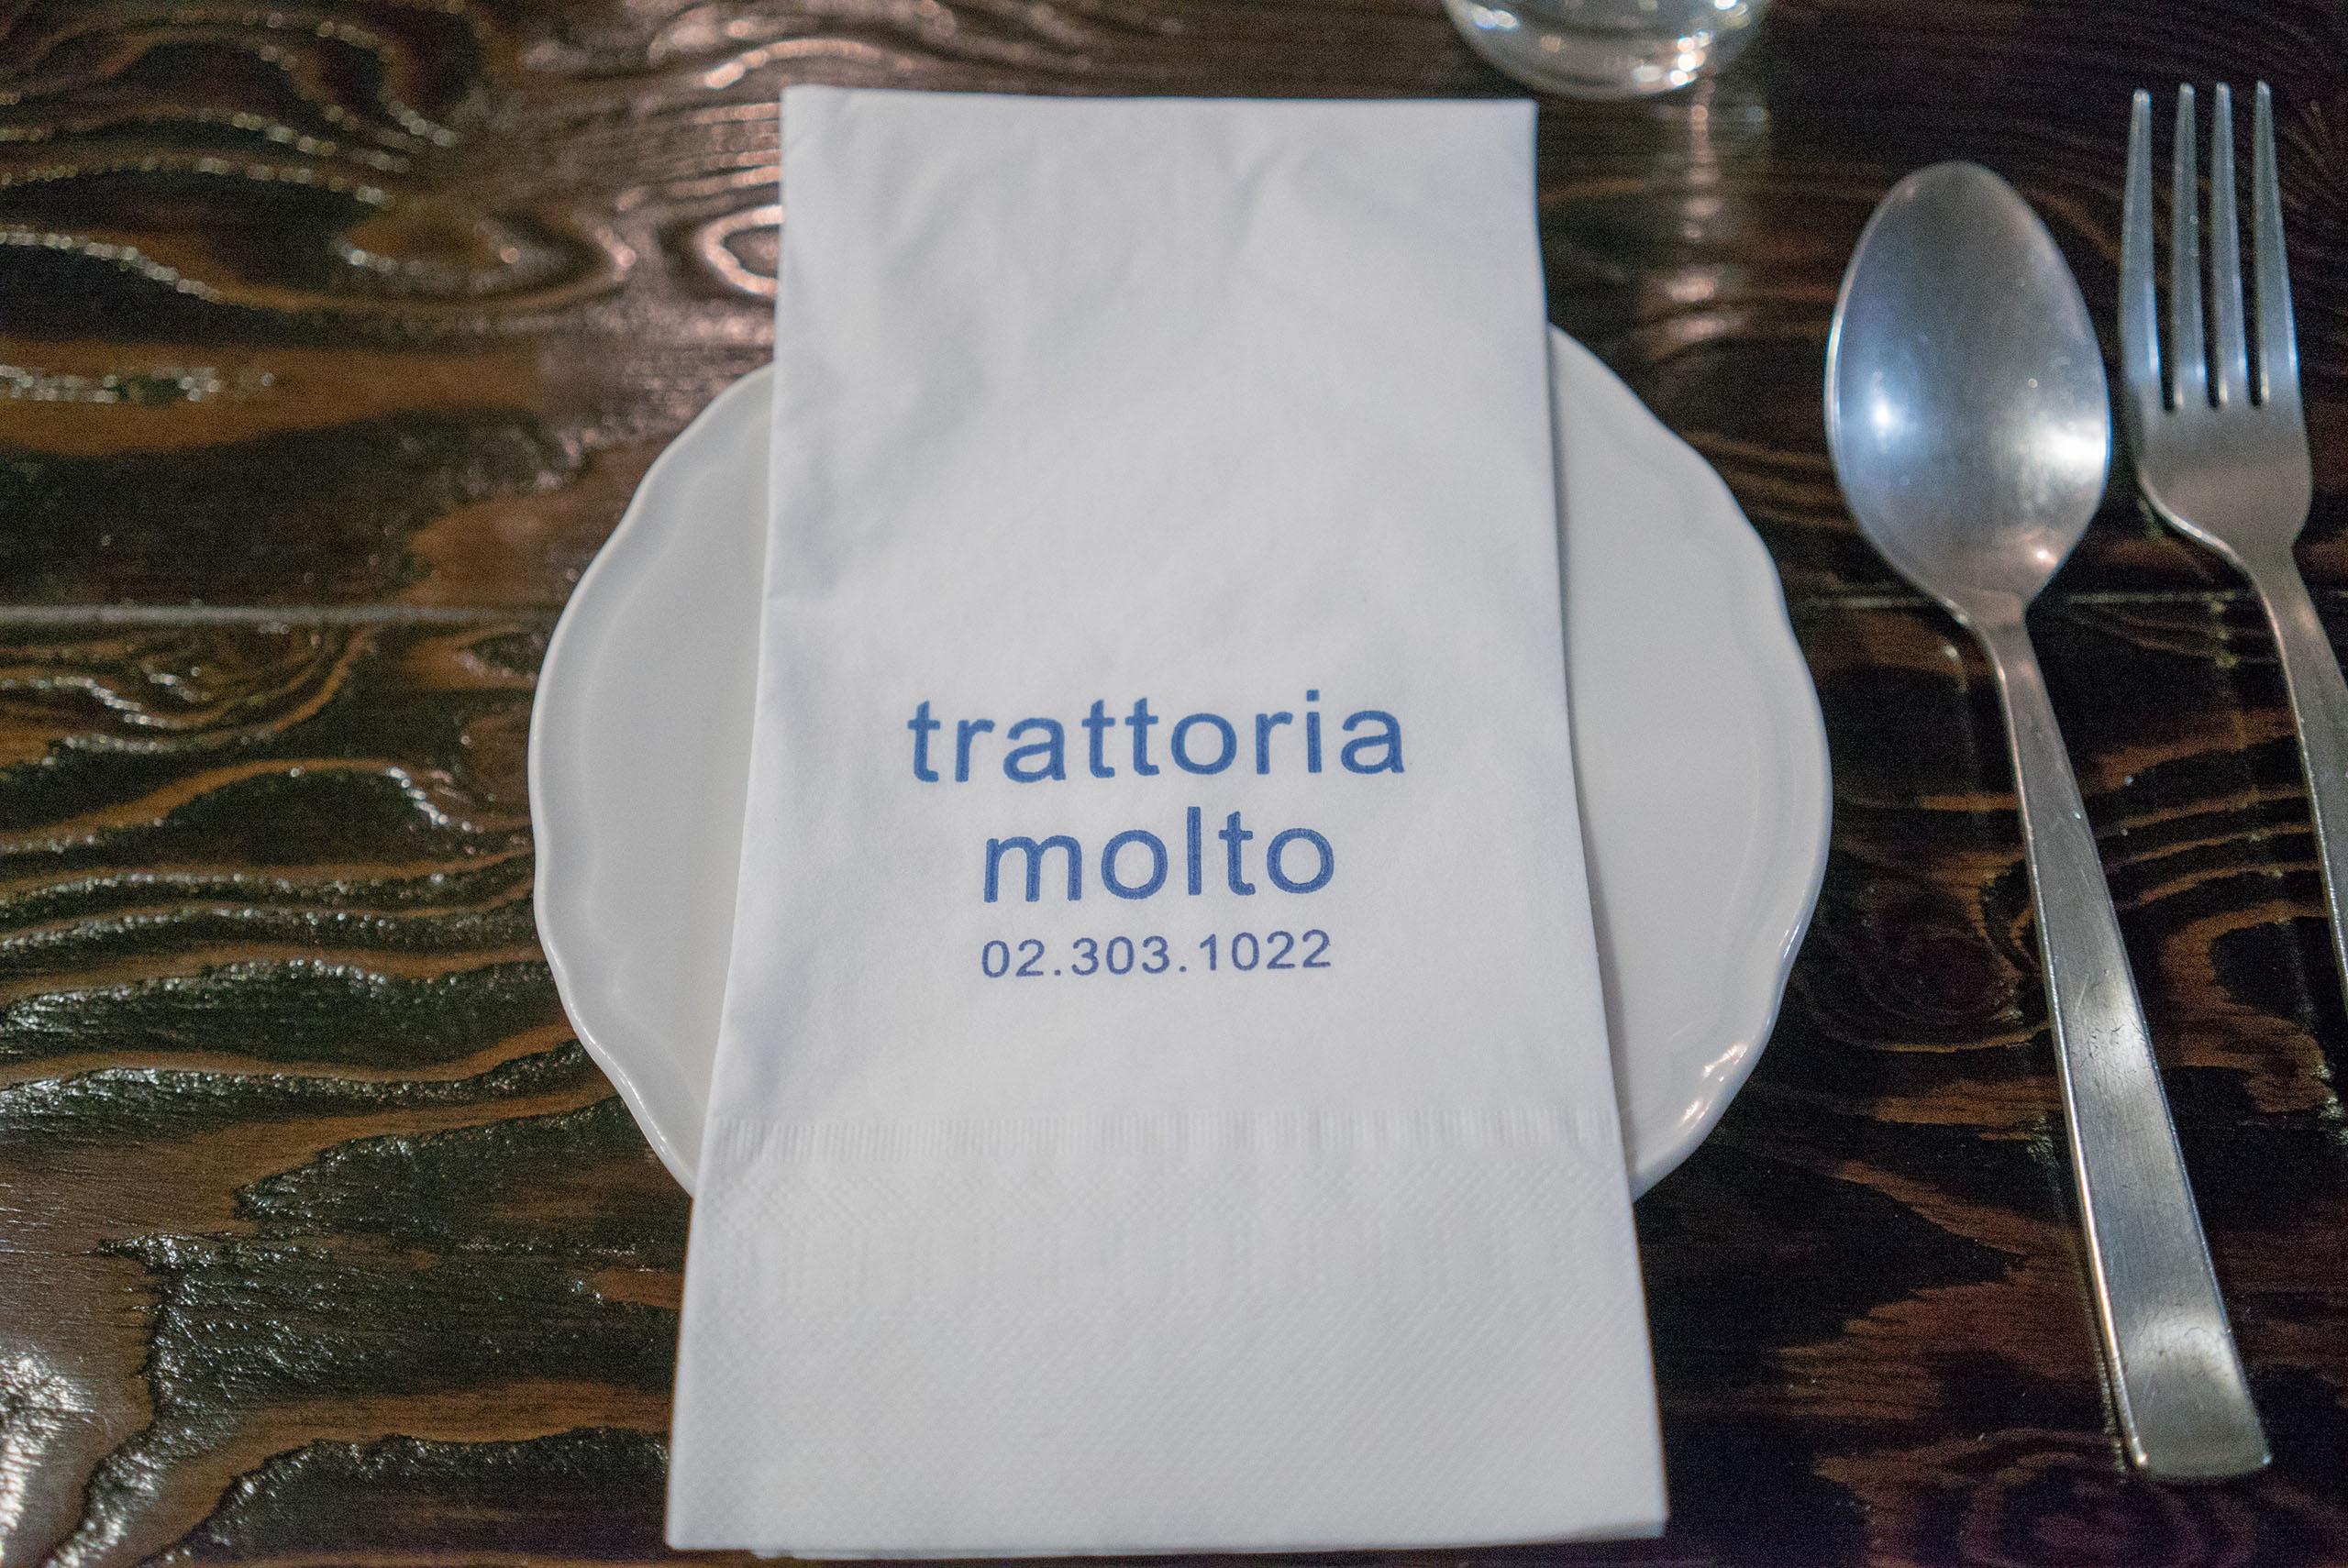 트라토리아 몰토